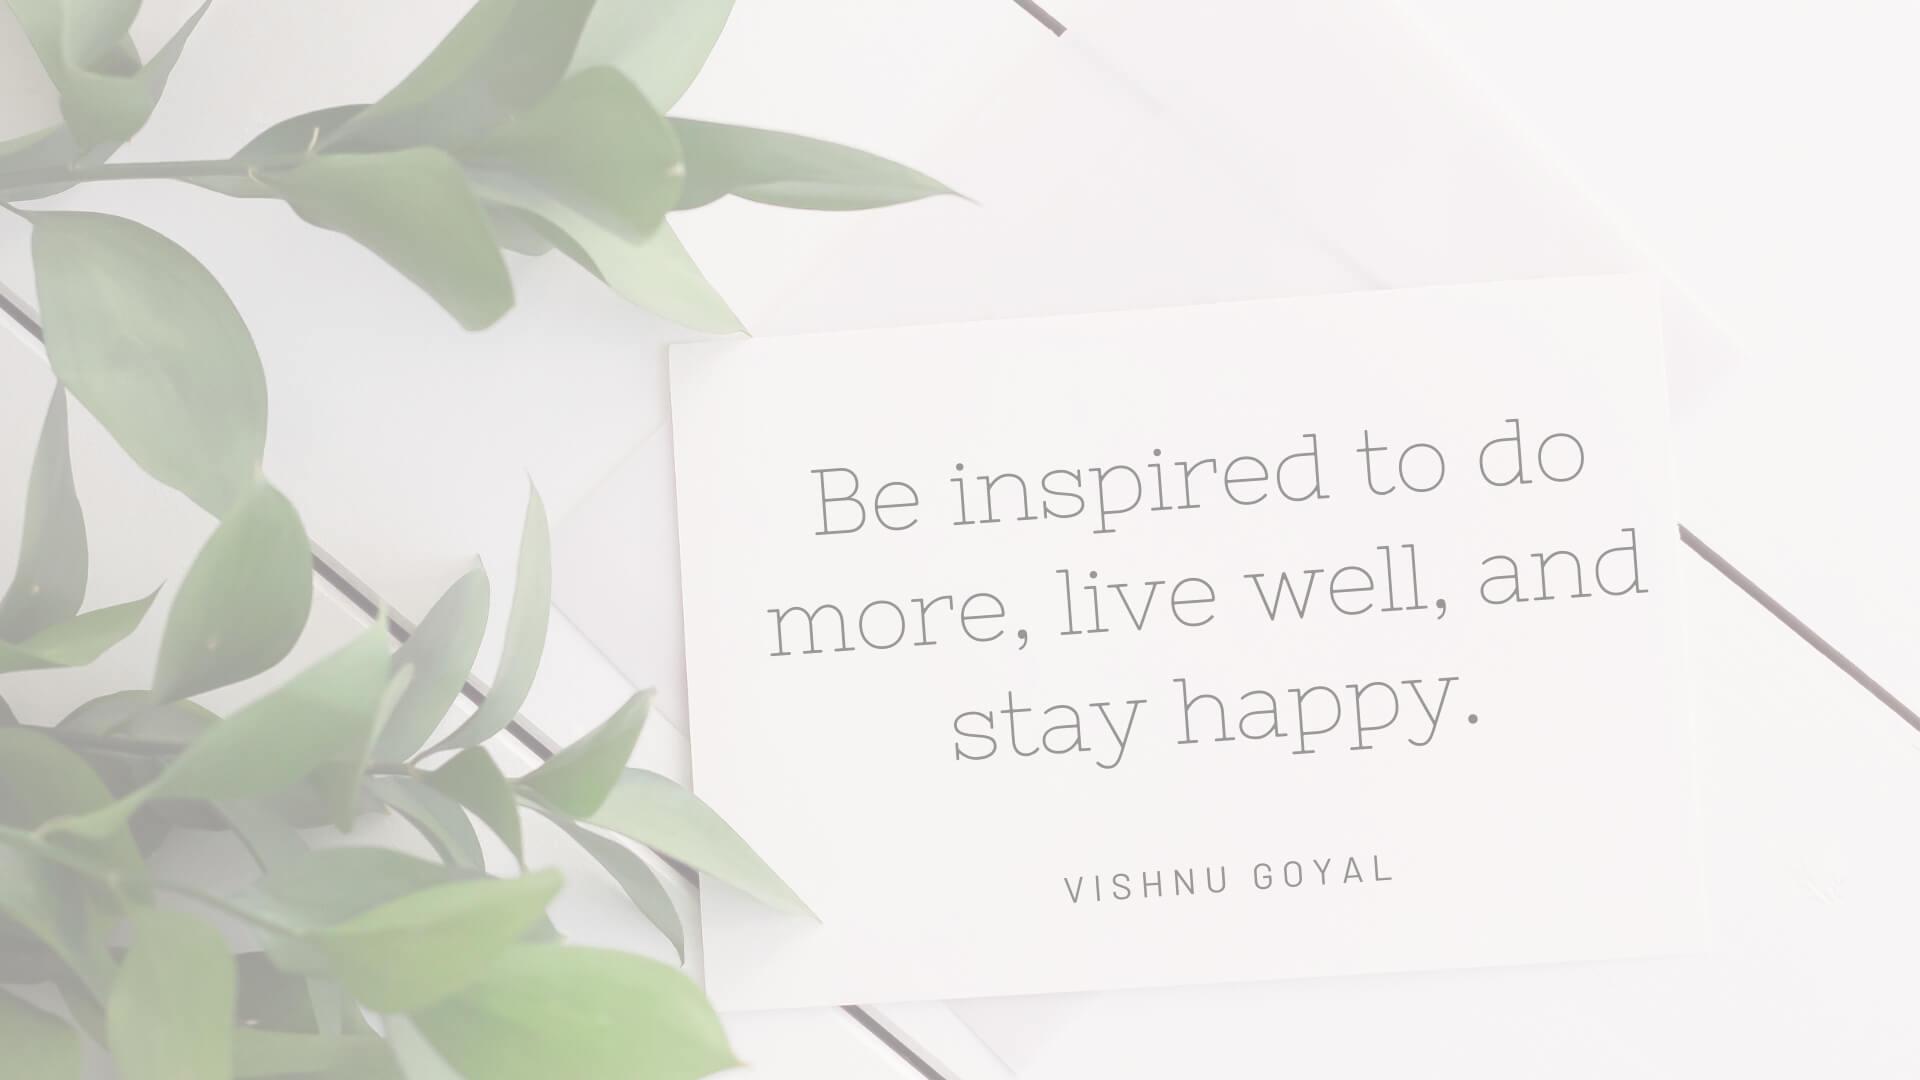 Vishnu Goyal Newsletter